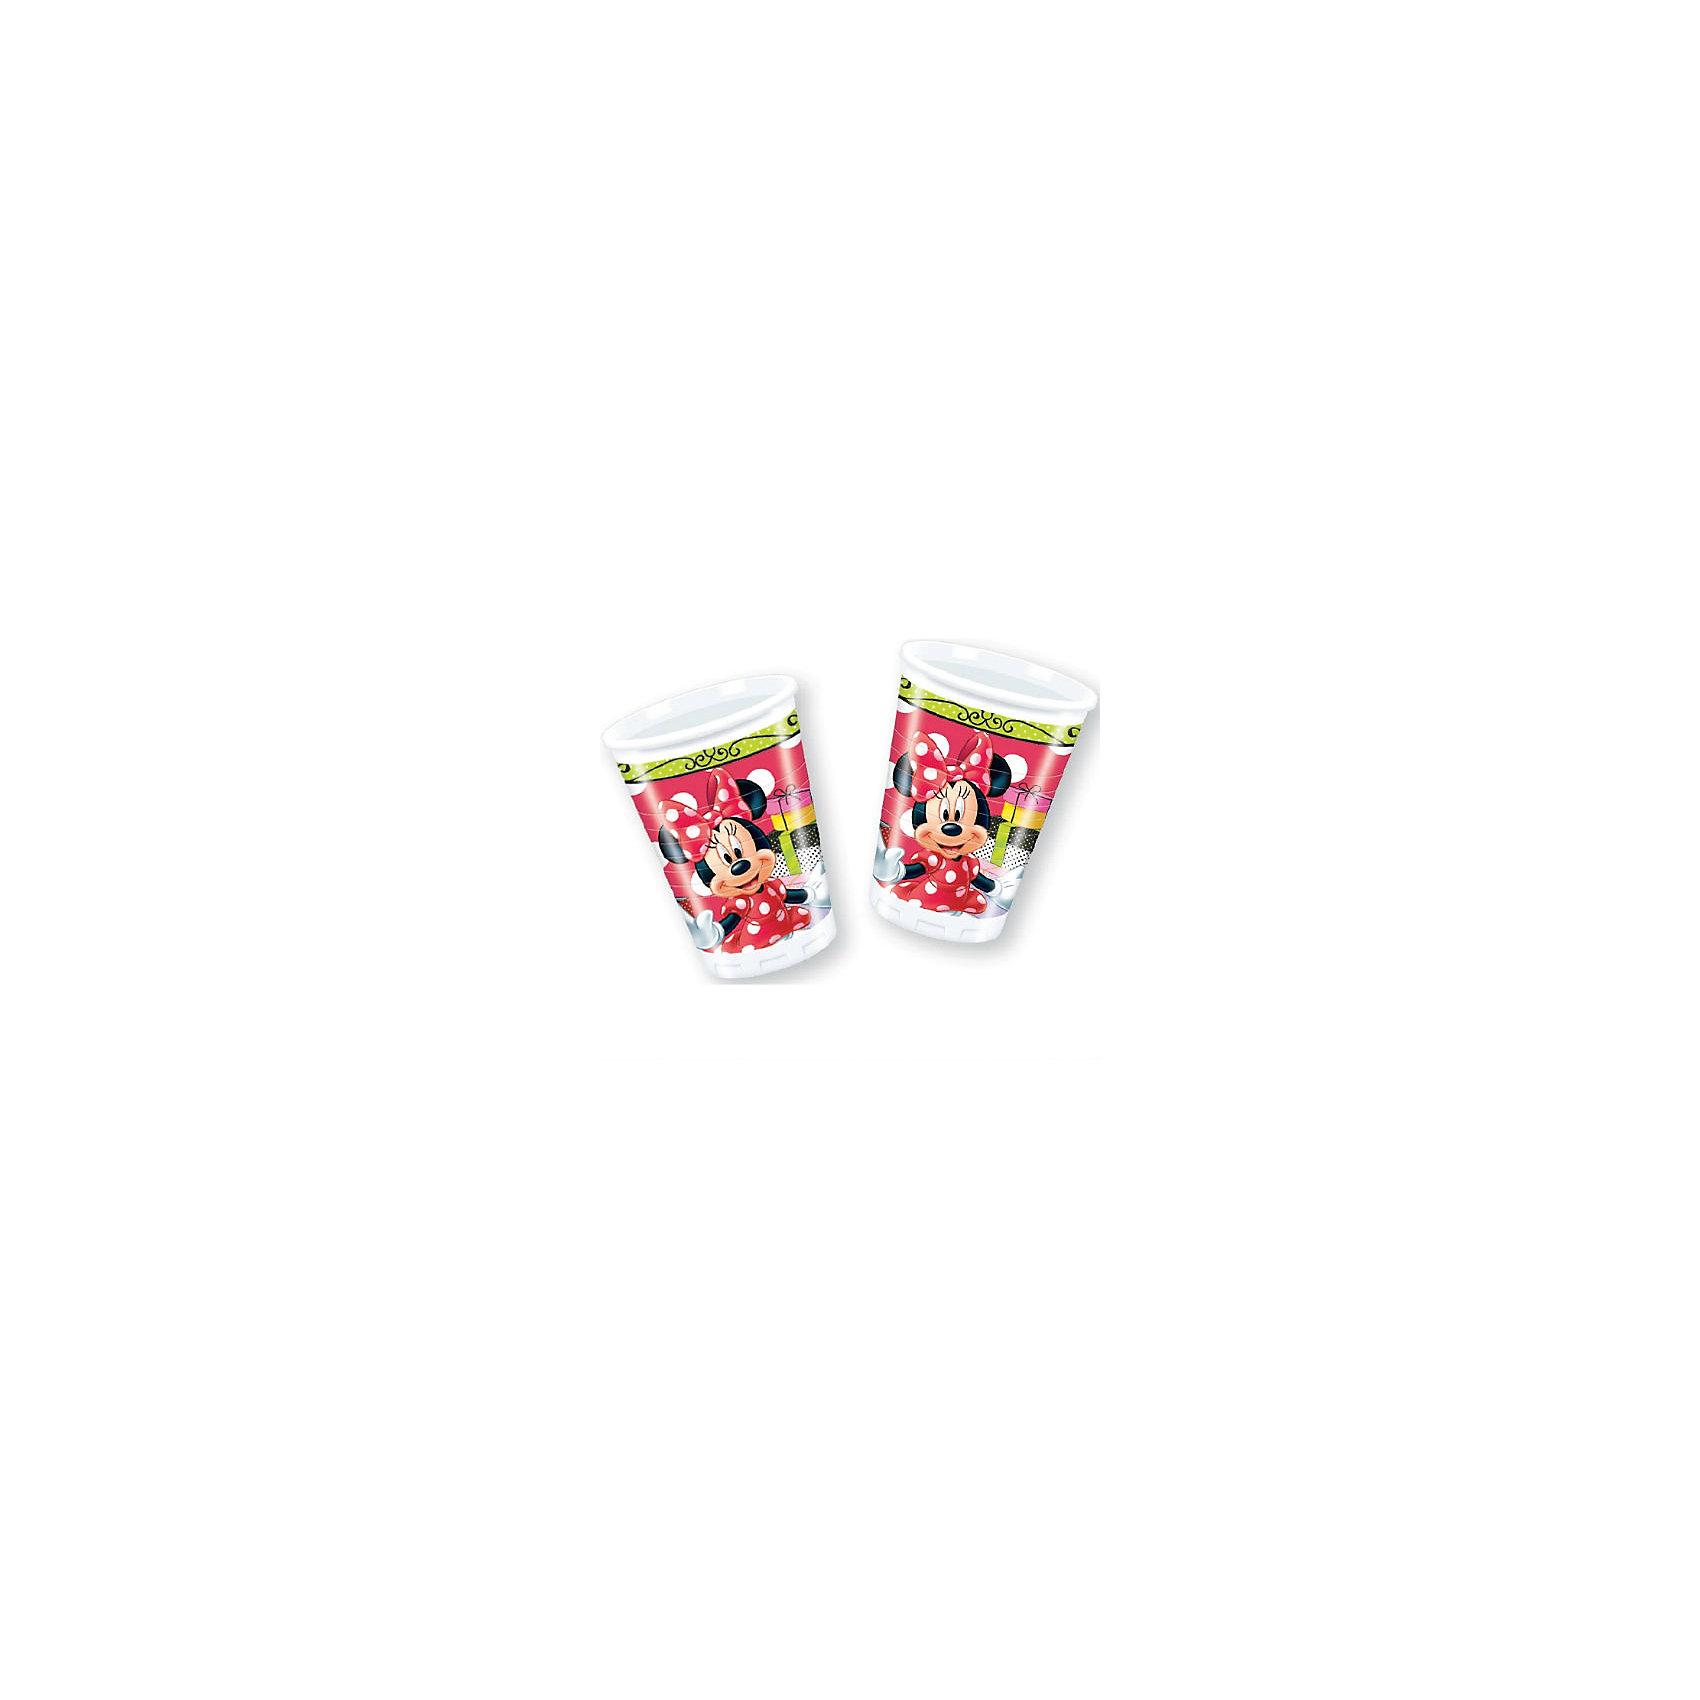 Стаканы пластиковые Стильная Минни 180 мл, 8 шт.Стаканы<br>Минни Маус – это добрая и веселая подружка популярного мышонка Микки из мультиков Дисней. Пластиковые стаканчики из праздничной серии Стильная Минни сделают торжество Вашего ребенка еще интересней, увлекательней и веселей. Ведь детки так любят этих замечательных Диснеевских персонажей. Стаканчики выполнены из прочных и безопасных материалов, не токсичны и противоаллергенны. <br>Объем: 180 мл. <br>Количество: 8 шт. <br>Для детей от 3 лет.<br><br>Ширина мм: 70<br>Глубина мм: 70<br>Высота мм: 125<br>Вес г: 30<br>Возраст от месяцев: 36<br>Возраст до месяцев: 2147483647<br>Пол: Женский<br>Возраст: Детский<br>SKU: 7128896